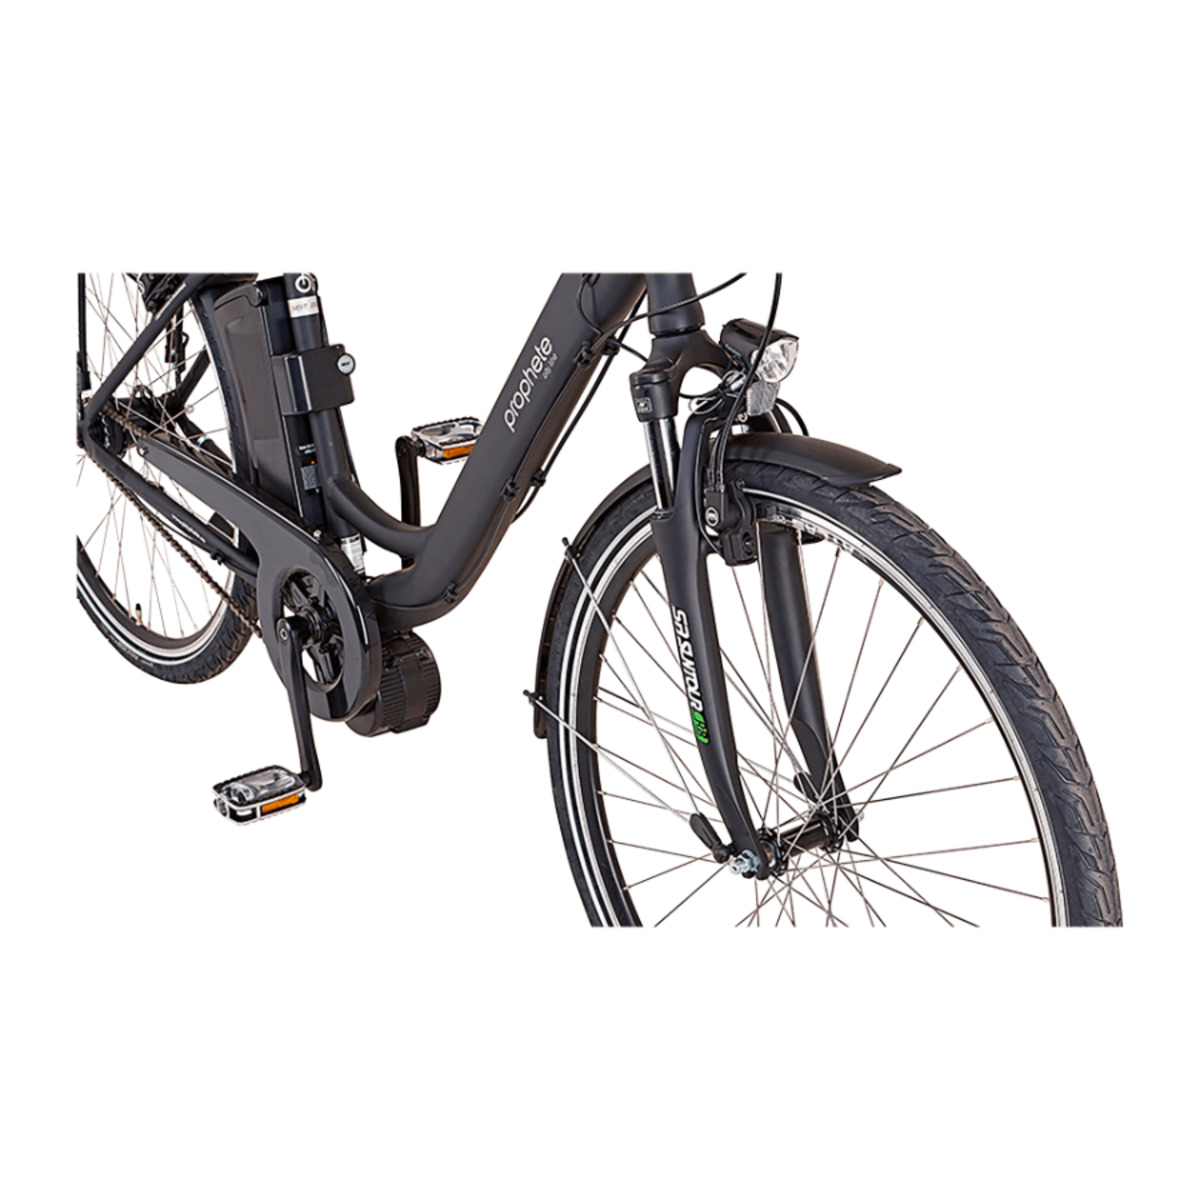 Bild 3 von Prophete Alu-City-E-Bike 28